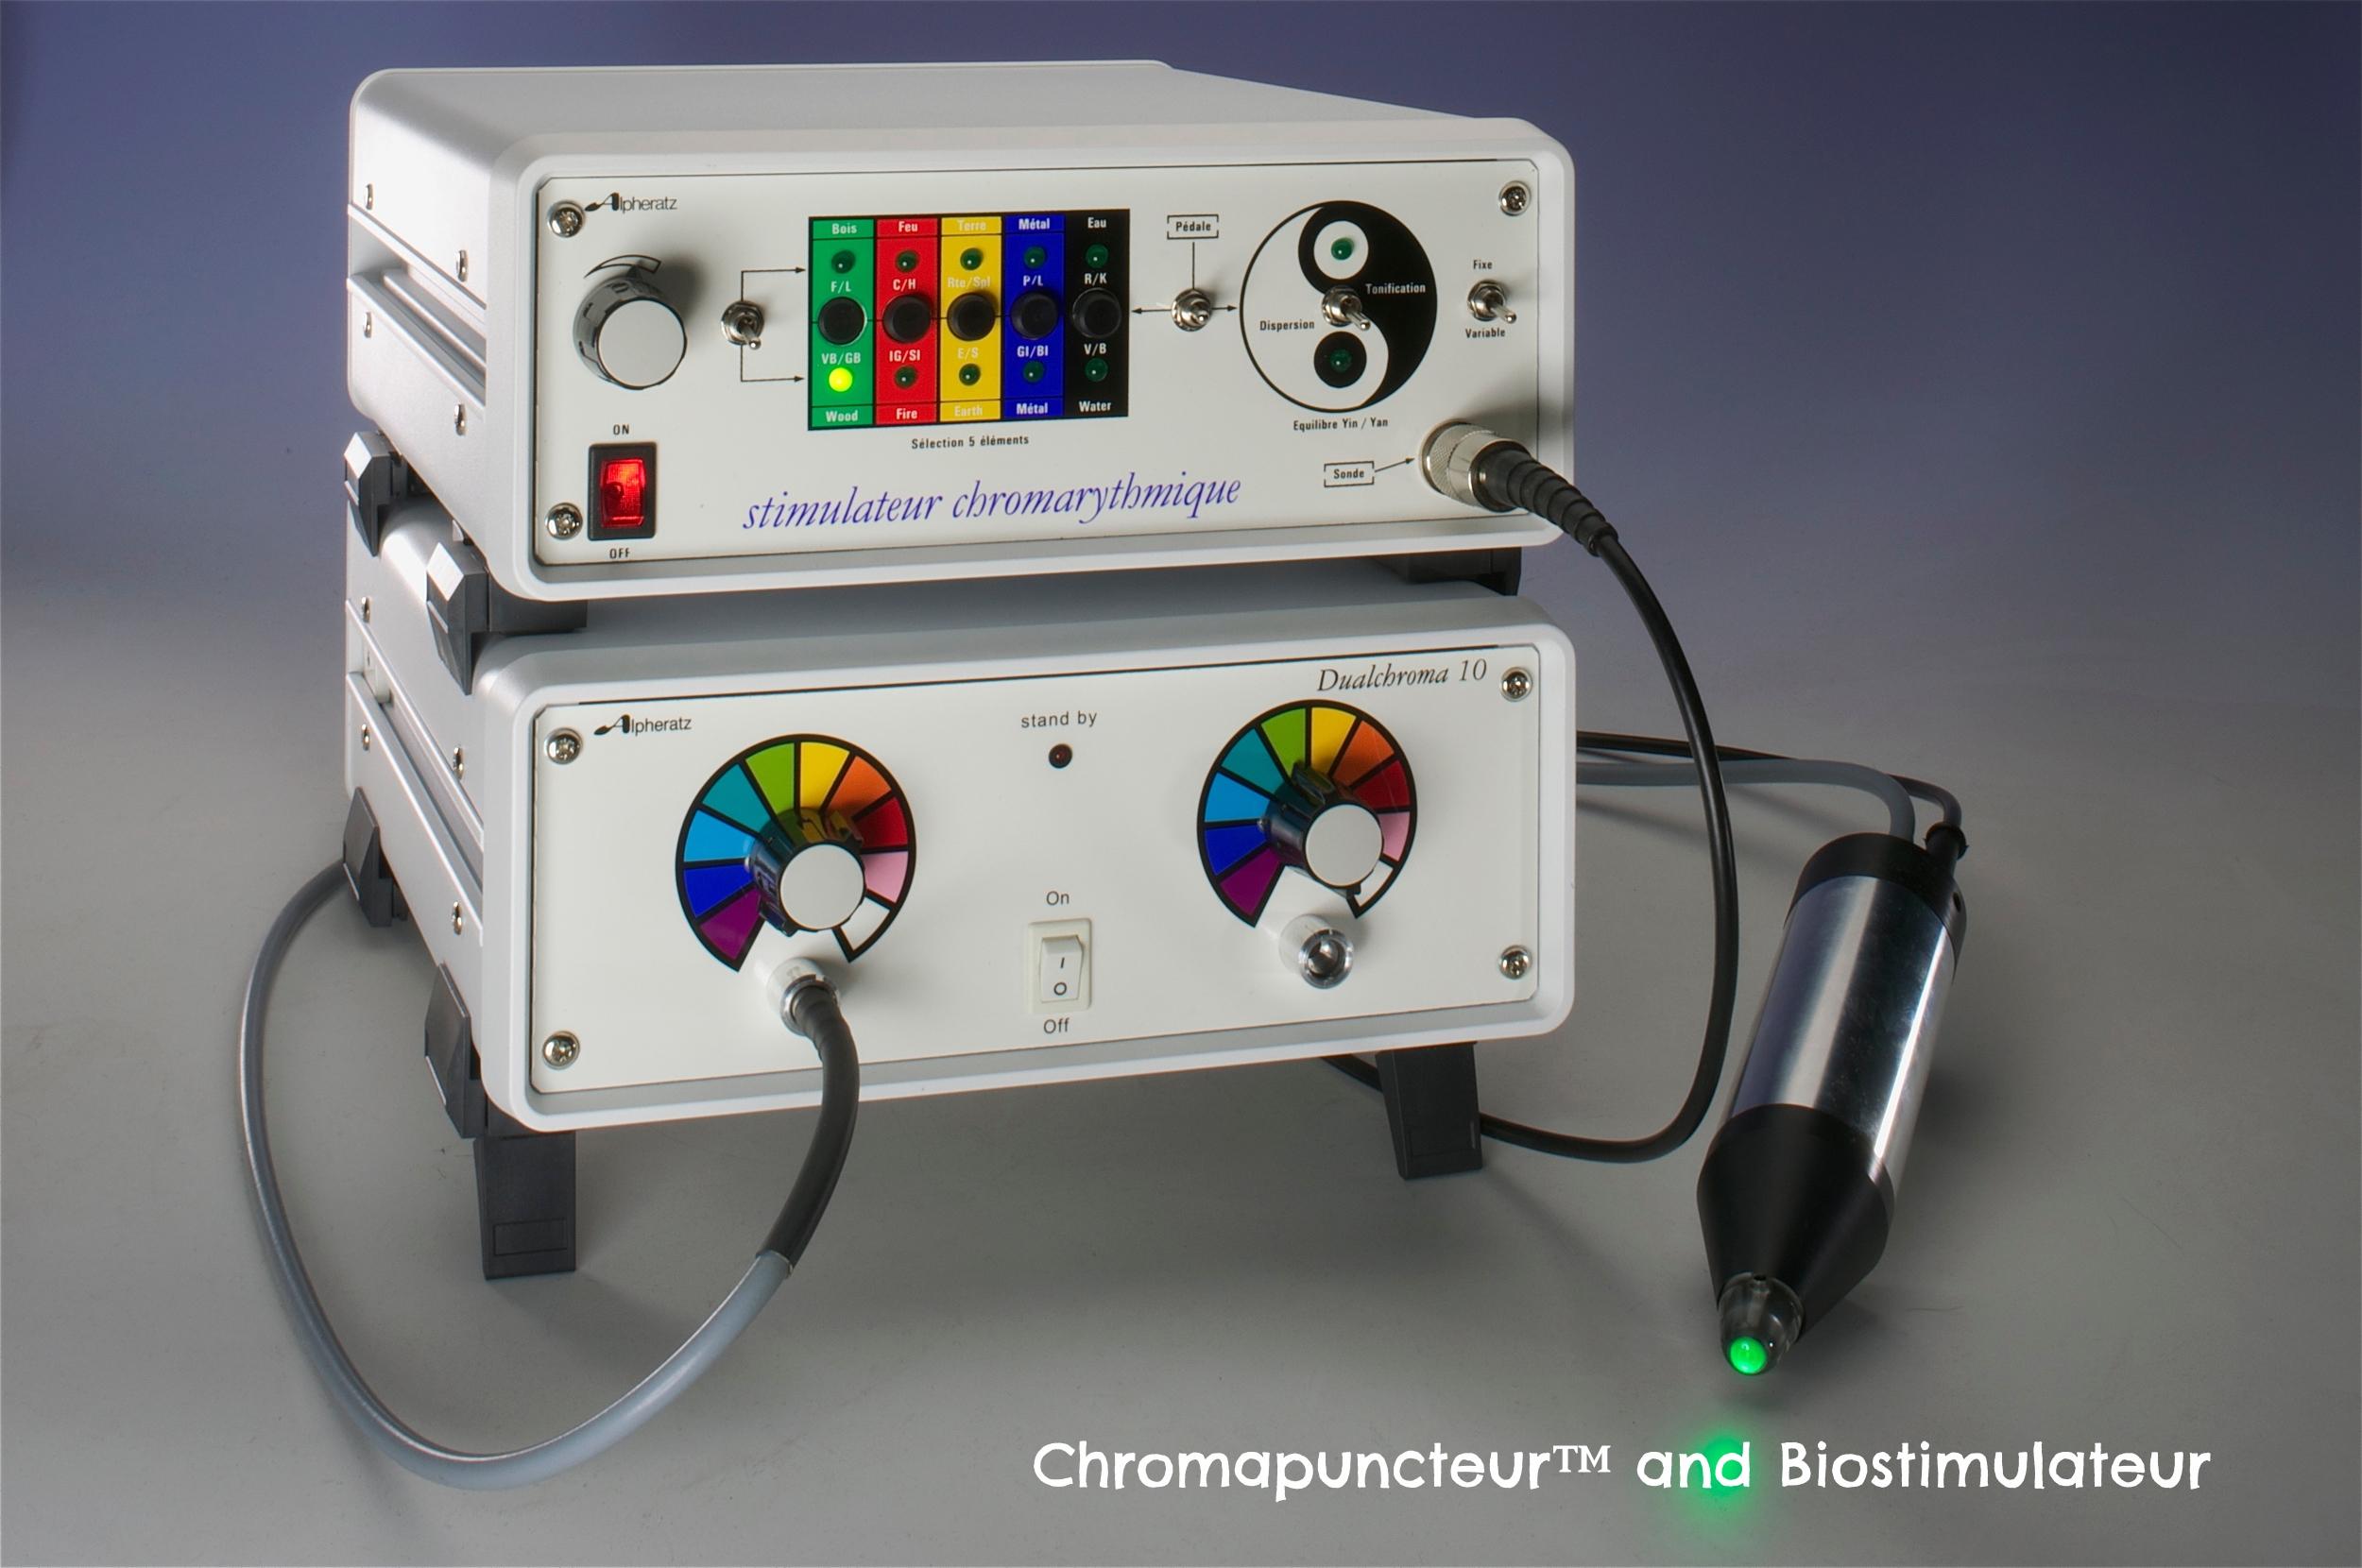 Chromapuncteur™ and Biostimulateur™